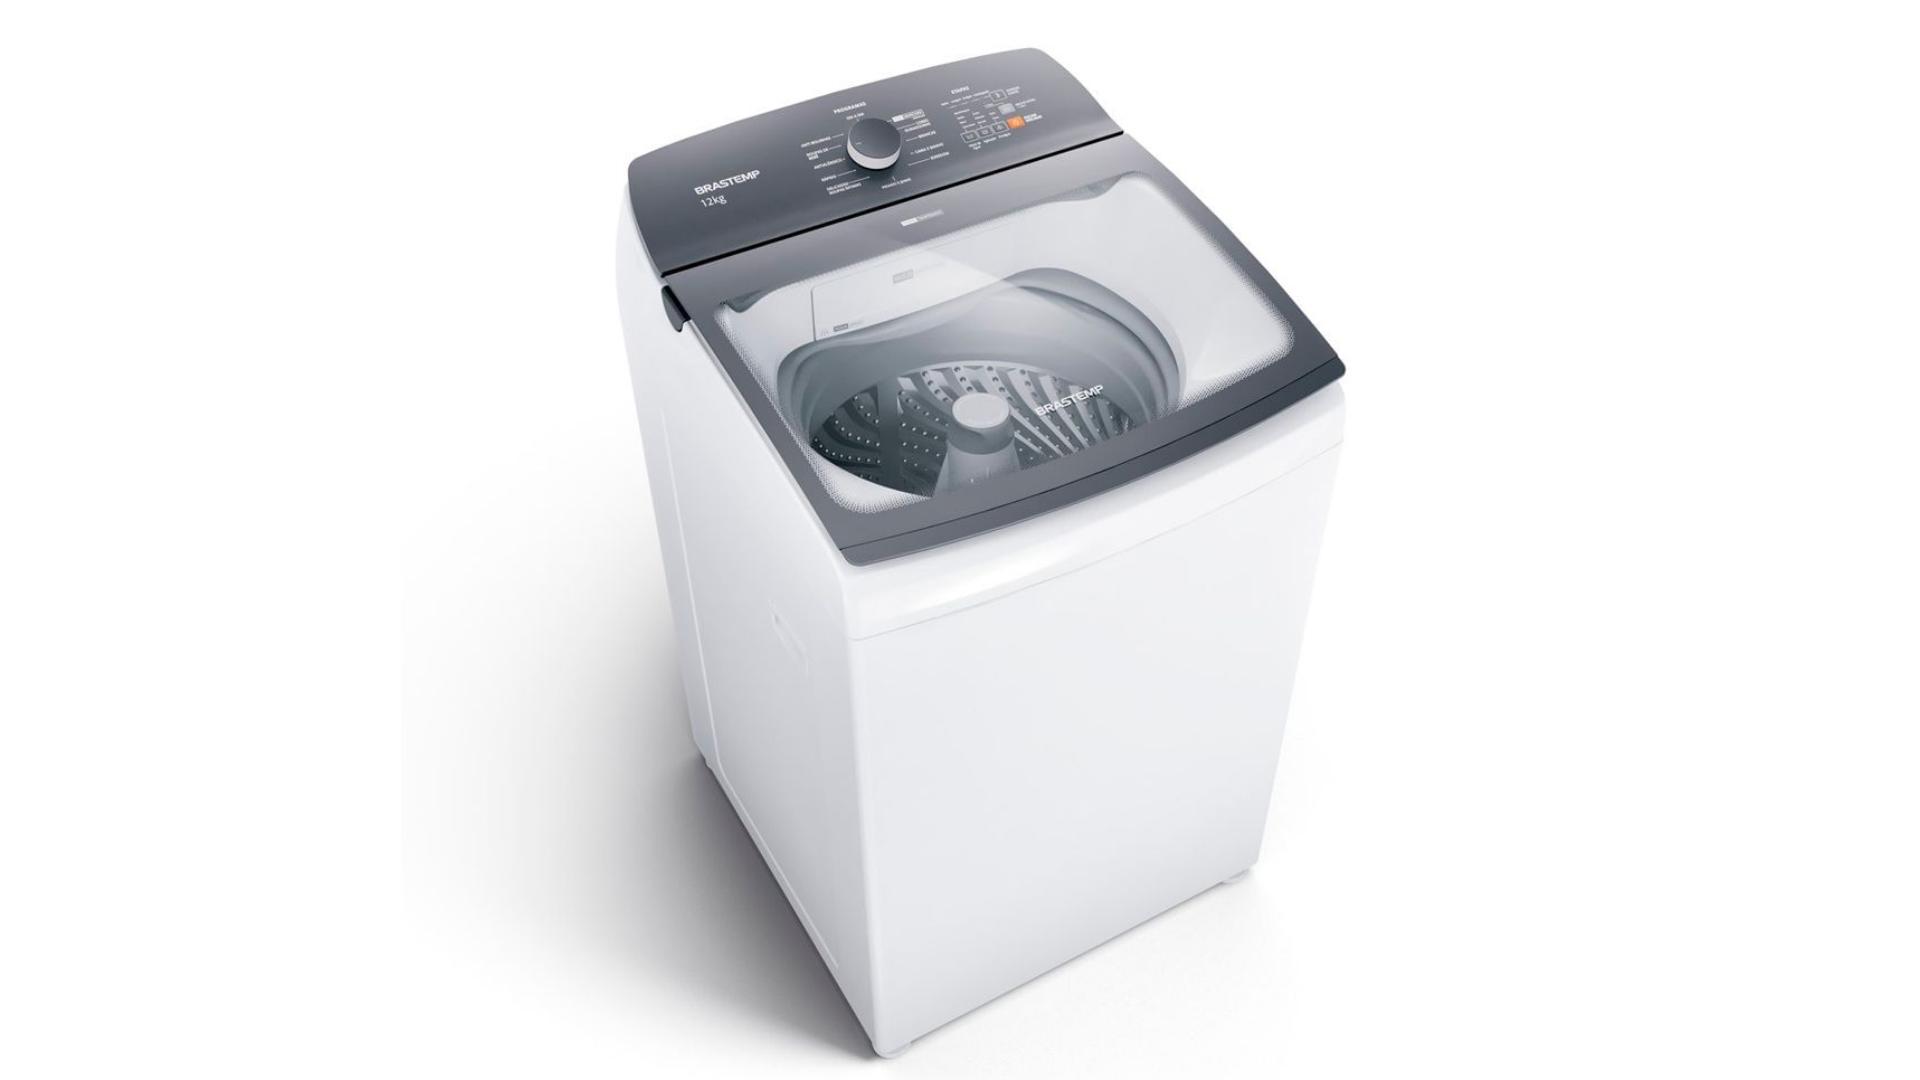 A lavadora de roupas Brastemp BWK12AB 12kg é branca com painel cinza, um design neutro que combina com qualquer ambiente. (Imagem: Reprodução/Brastemp)